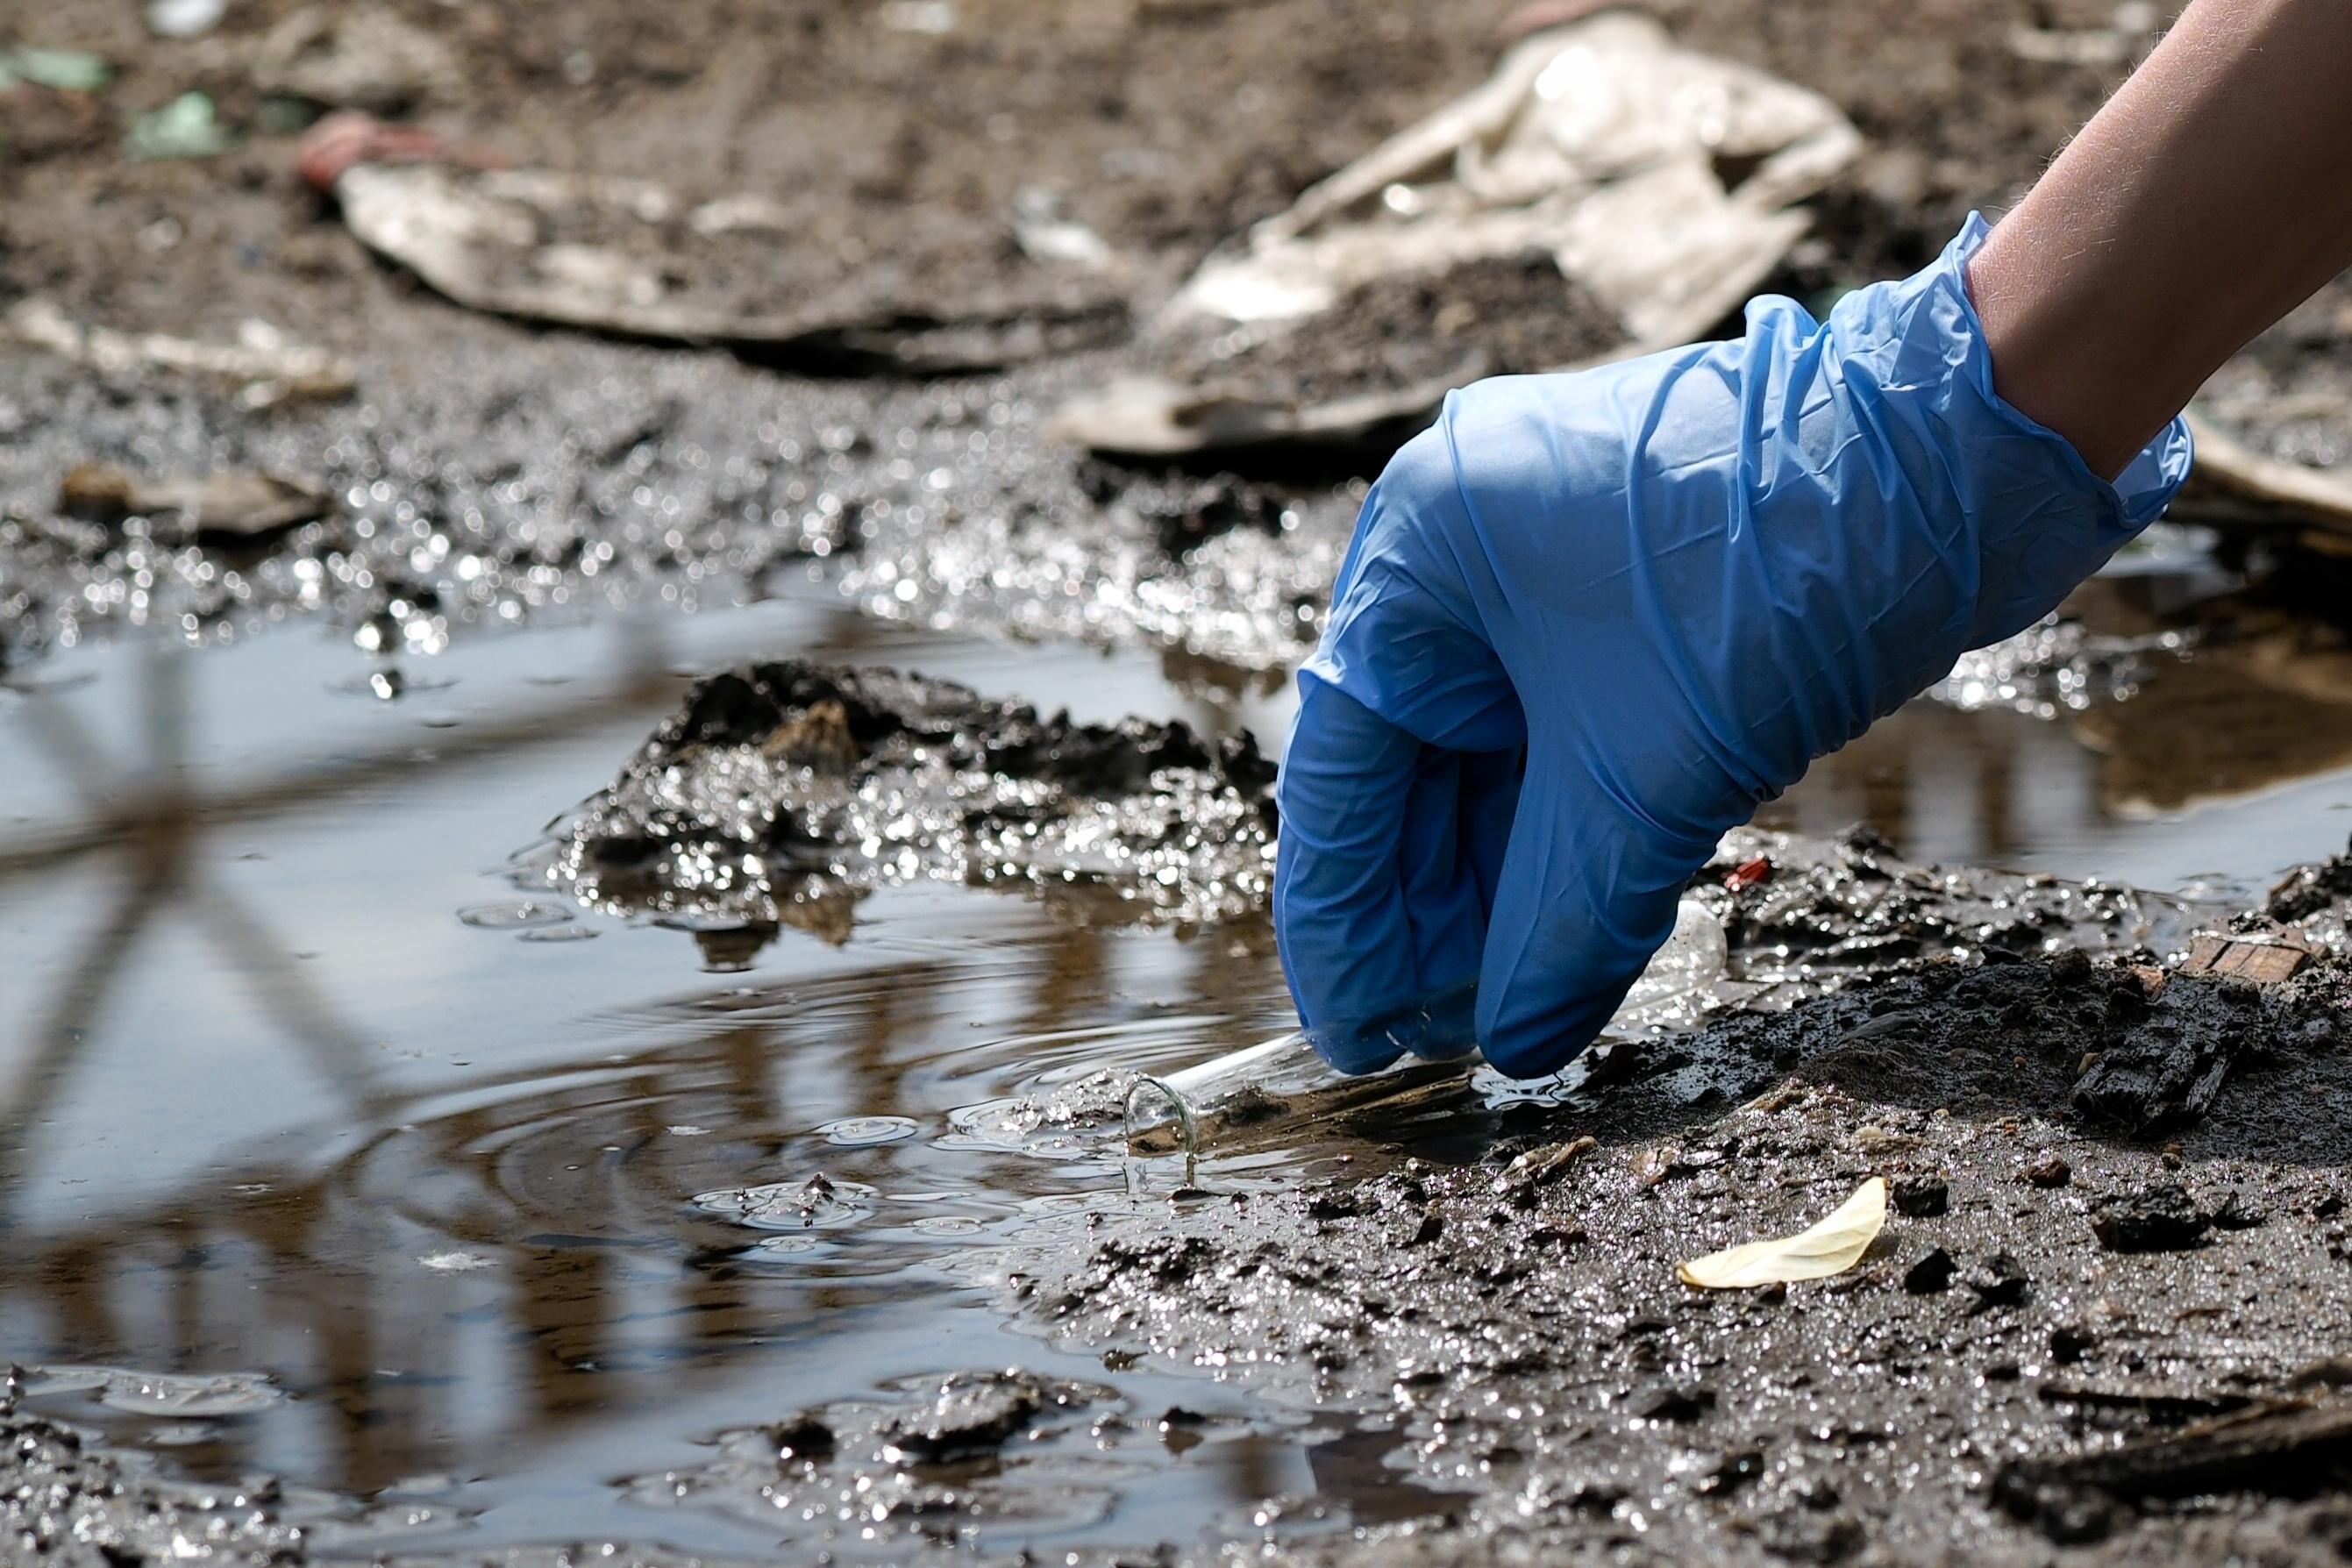 Tuskegee Environmental Health